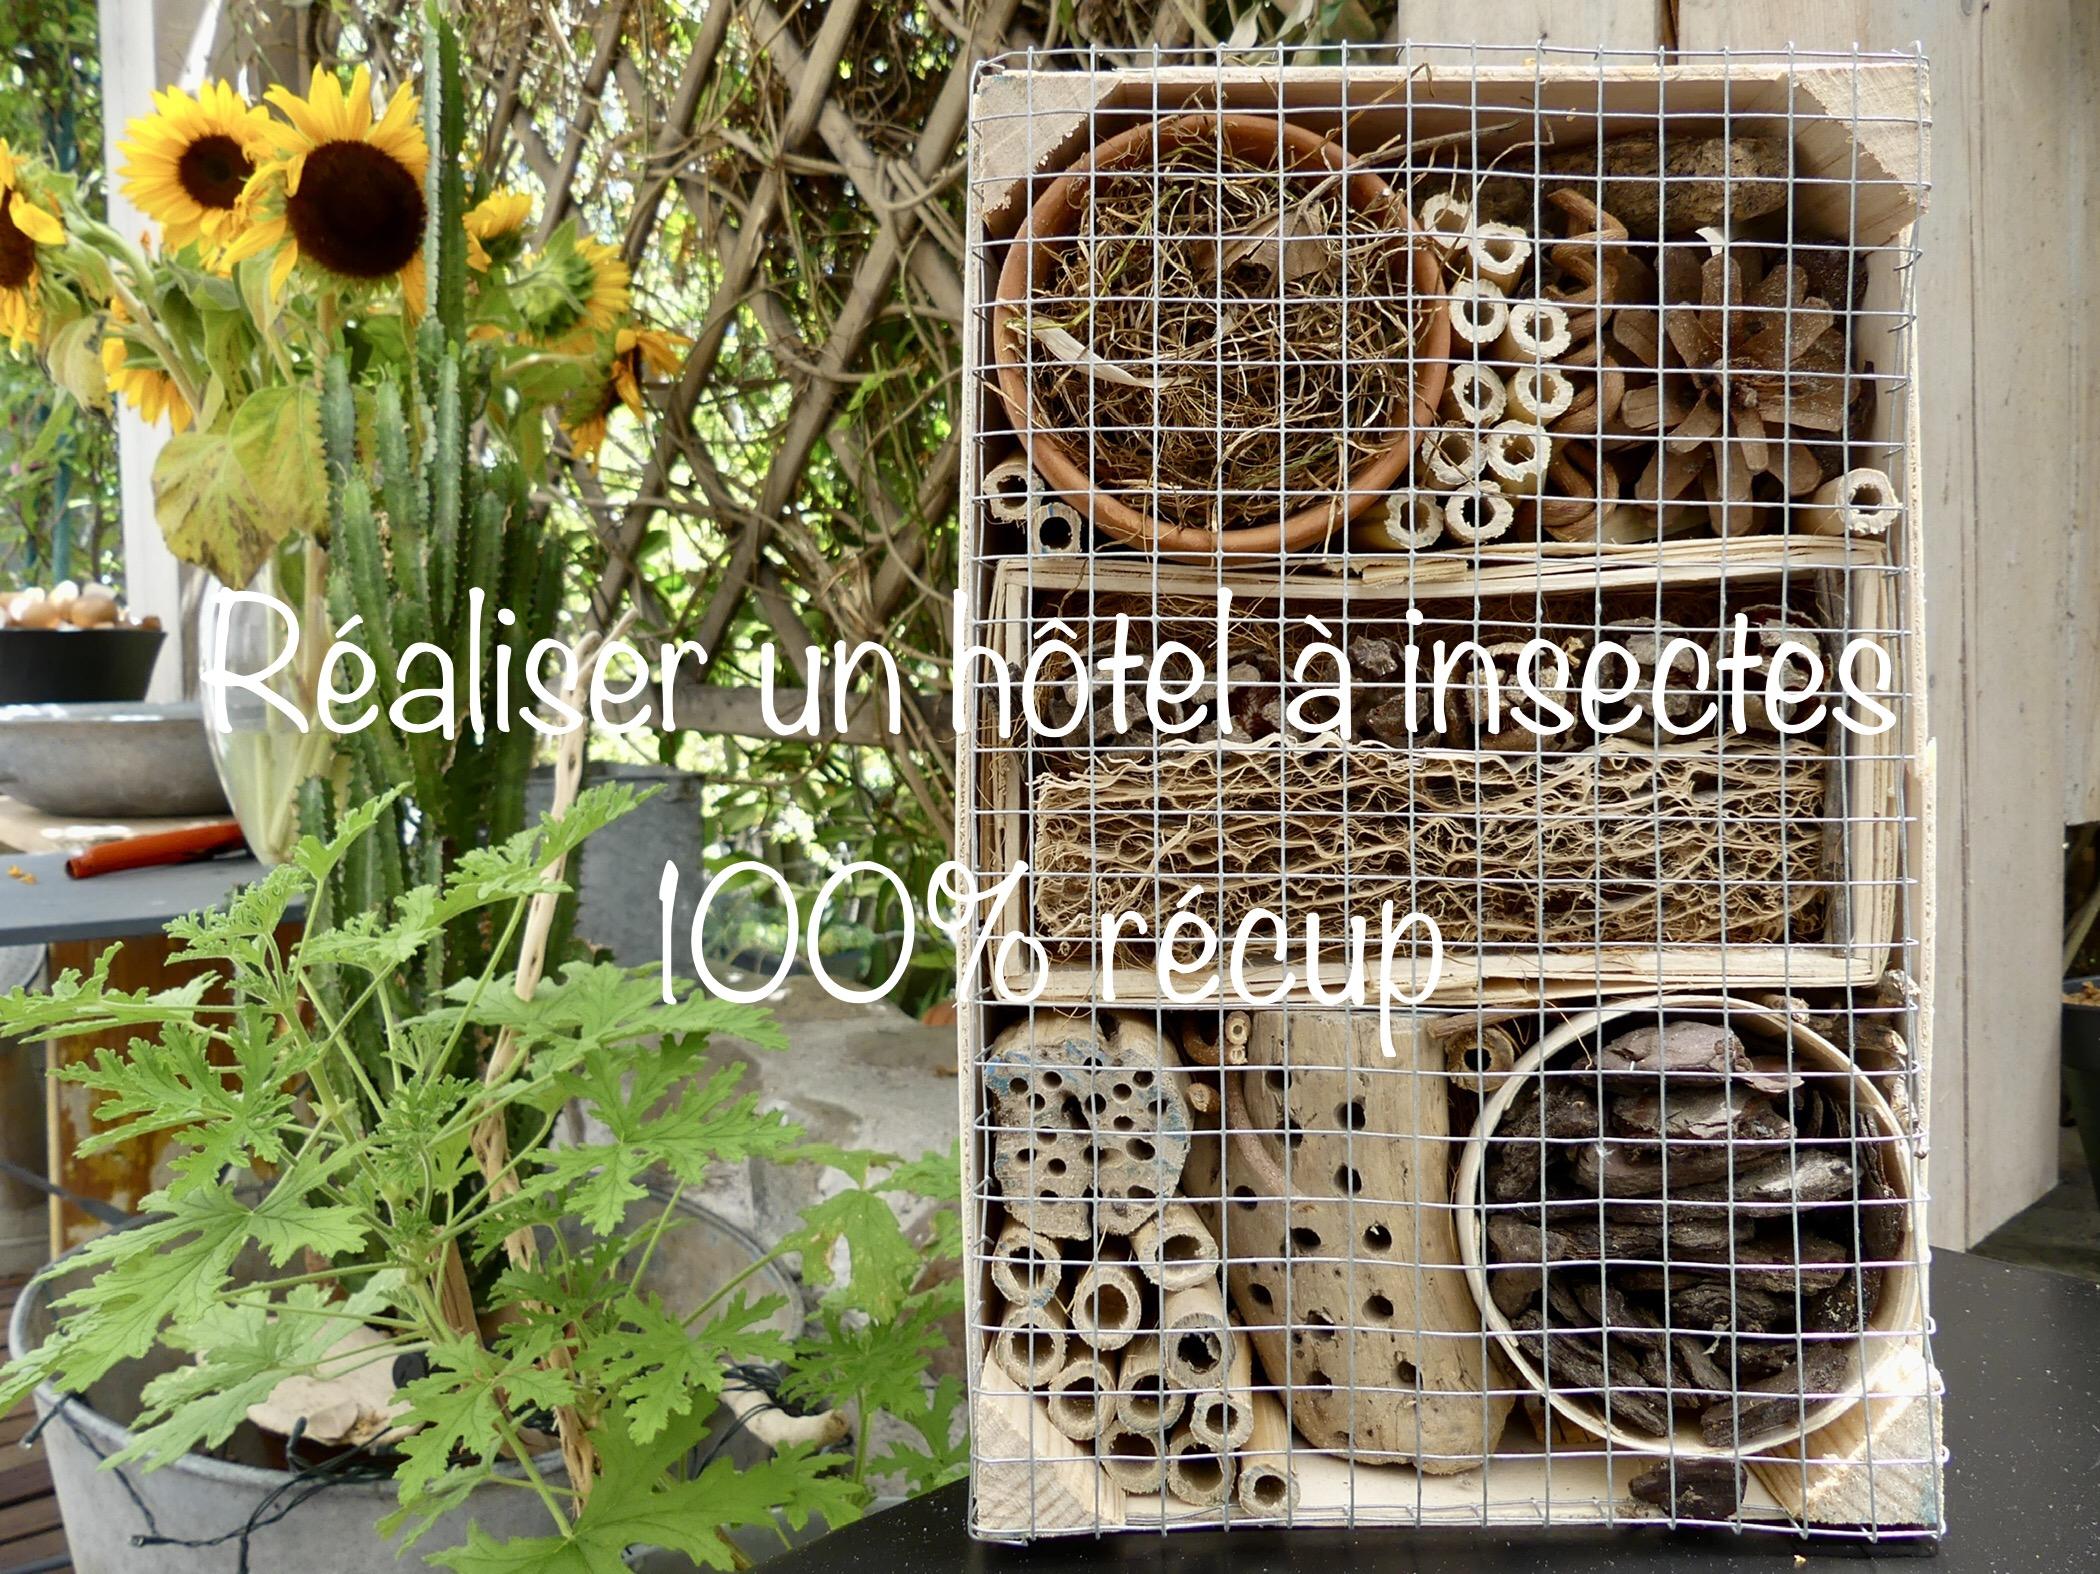 Réaliser votre hôtel à insectes 100% récup - Gris Fluo & Green